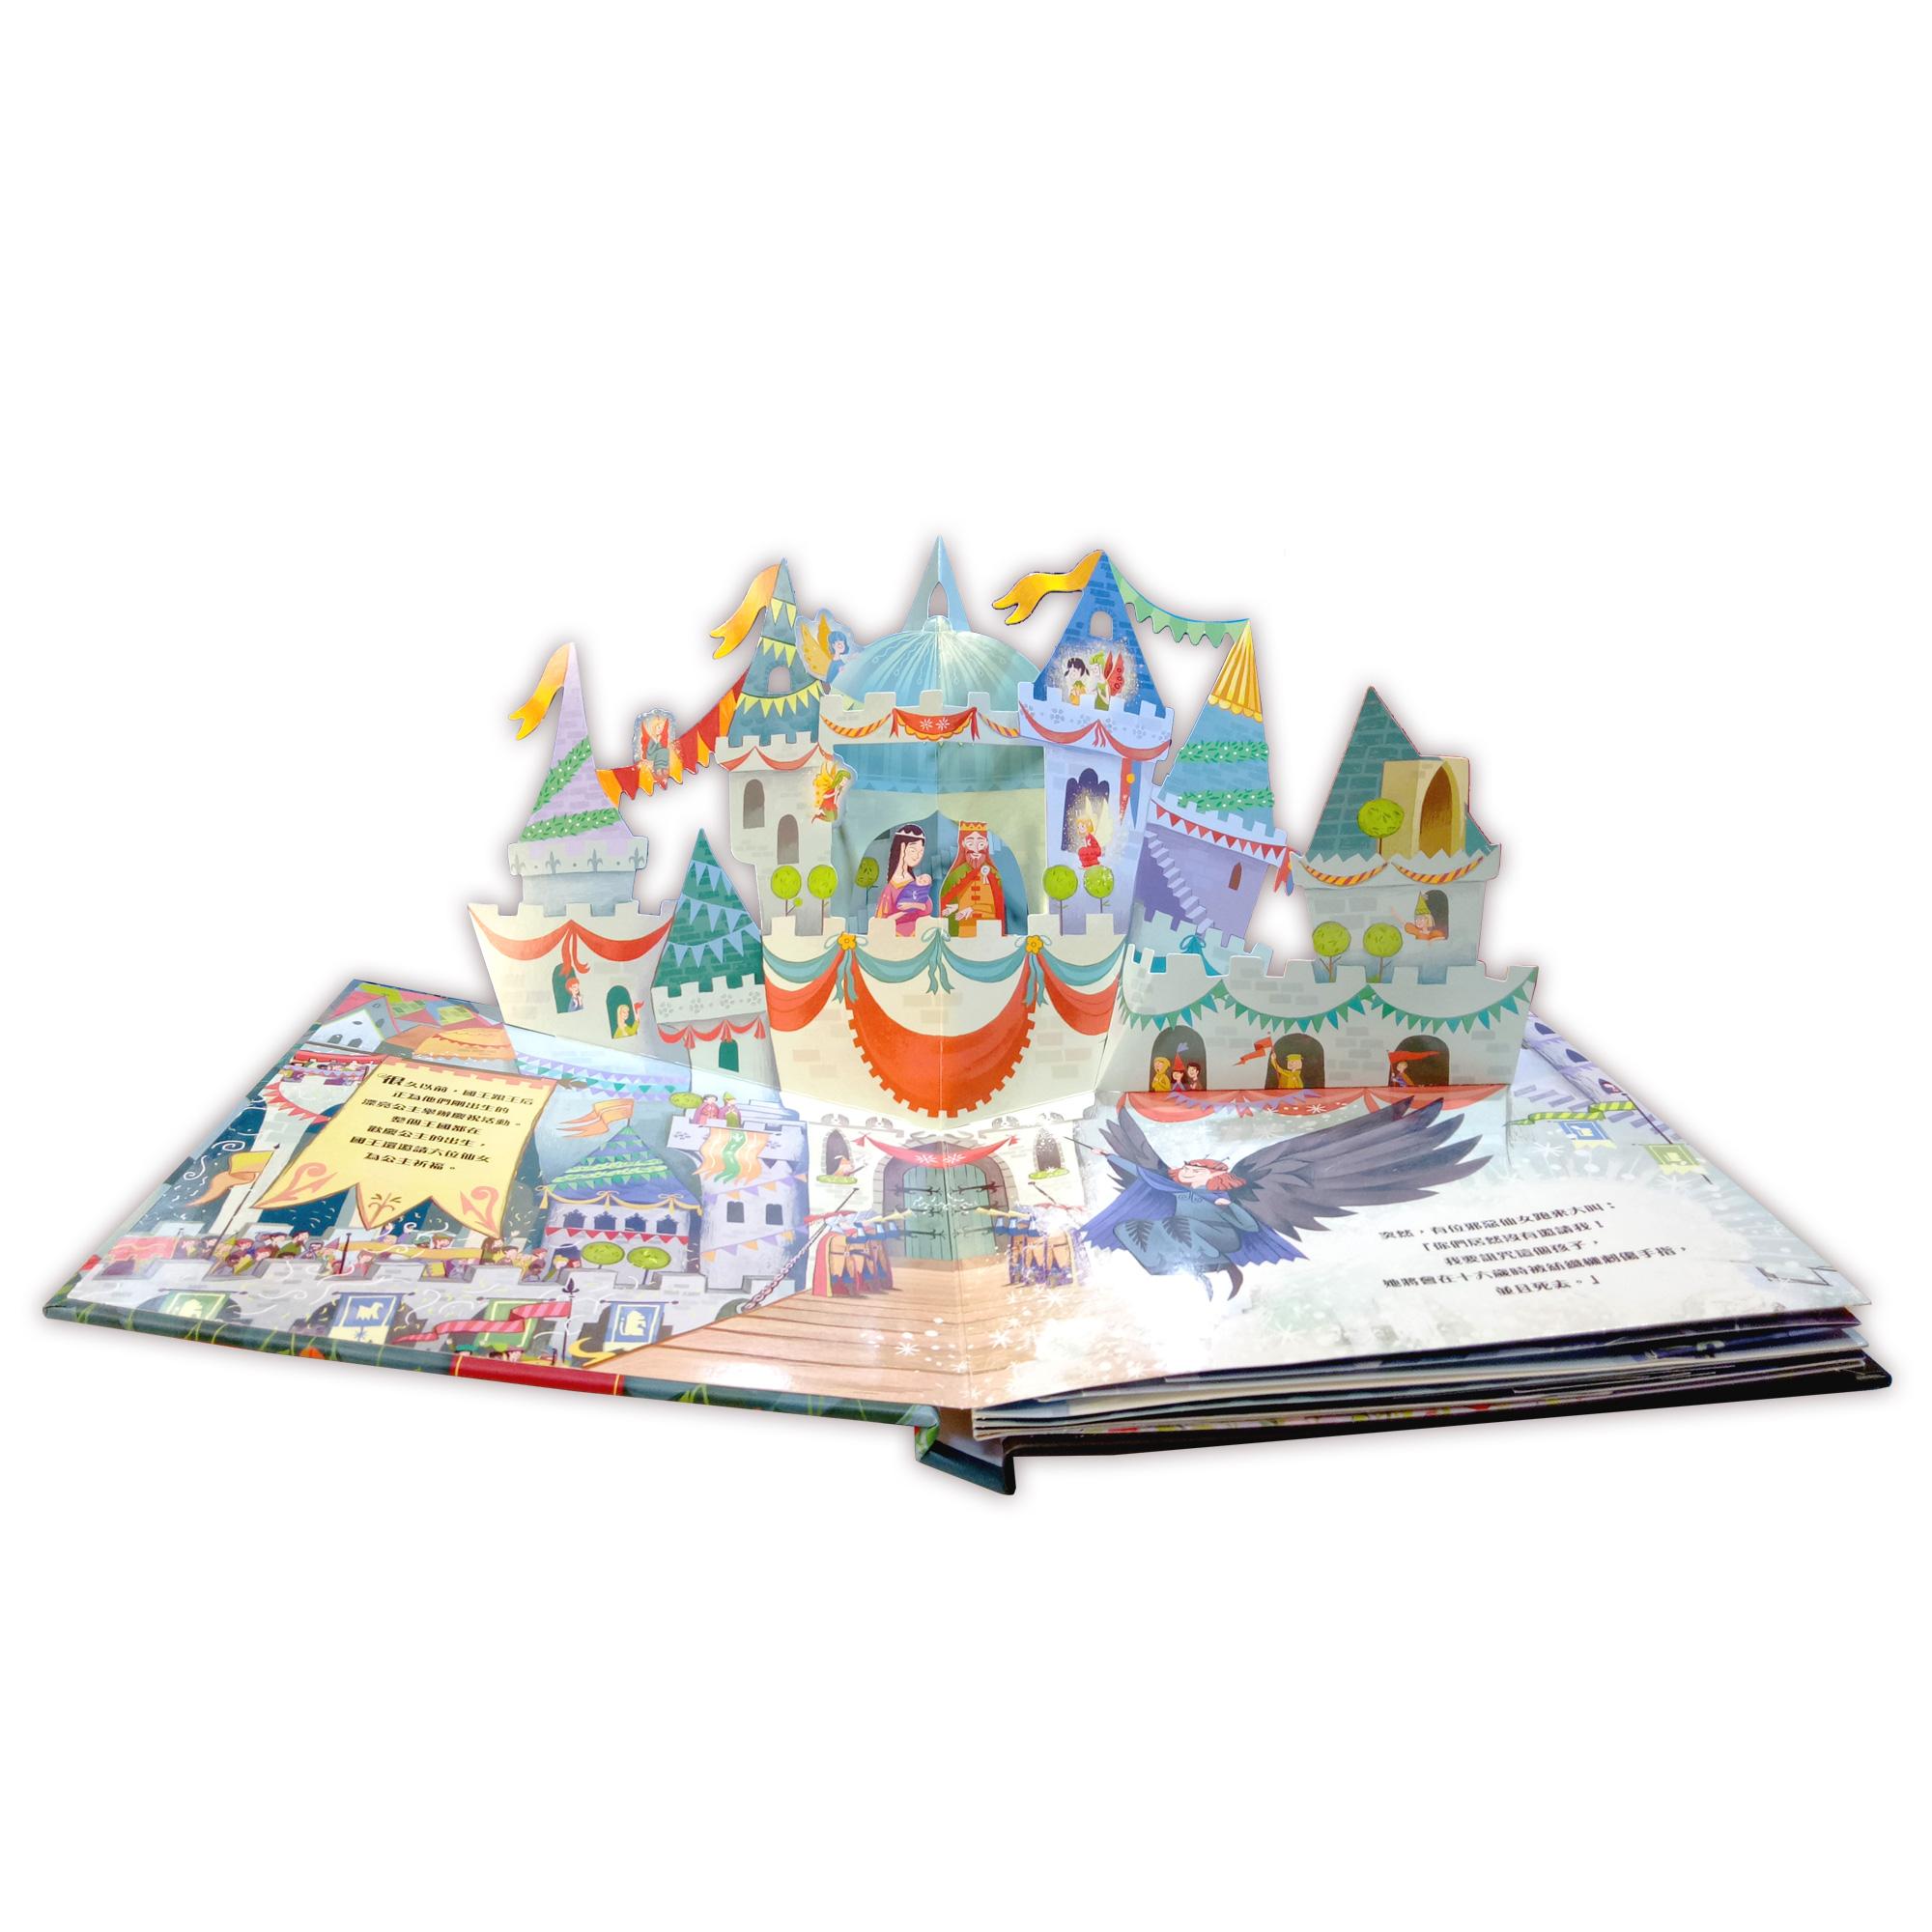 睡美人-立體童話書